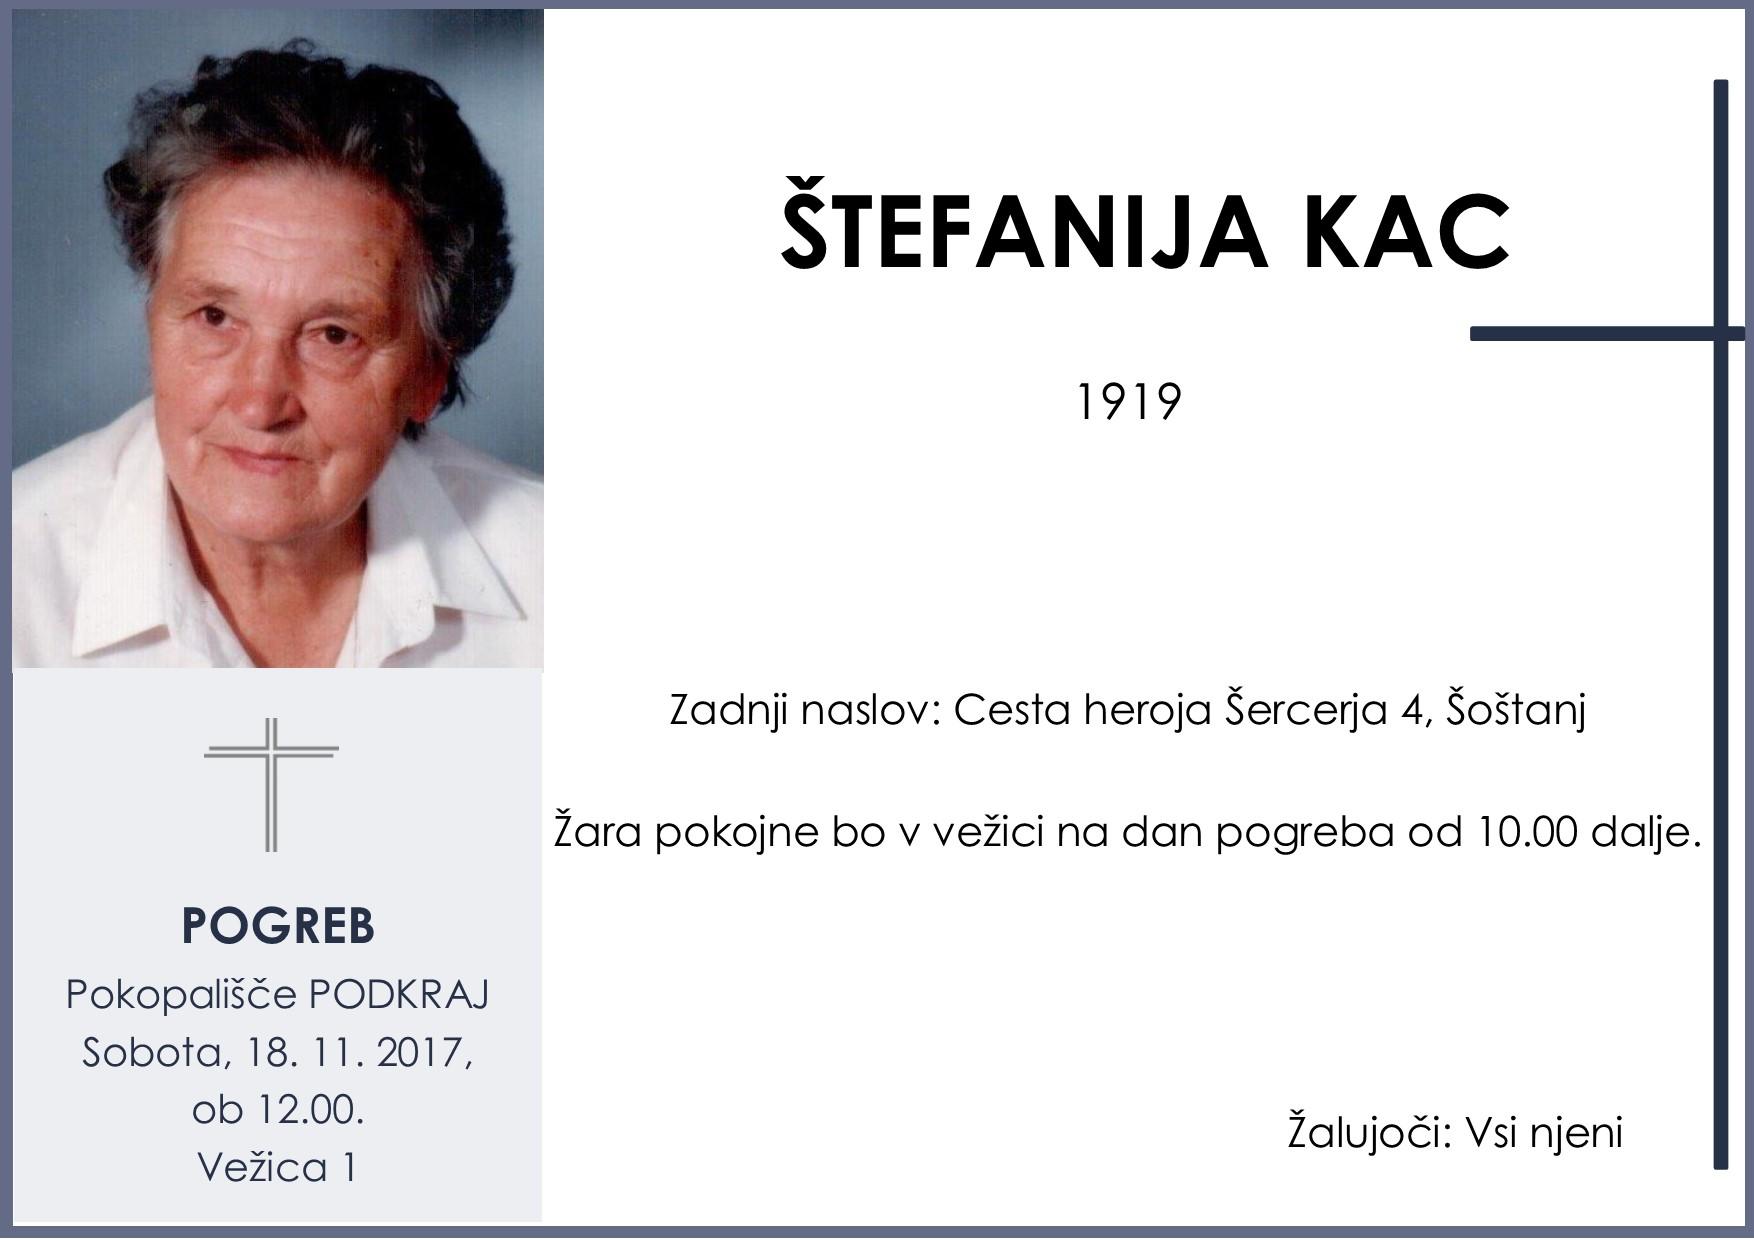 ŠTEFANIJA KAC, Podkraj, 18. 11. 2017